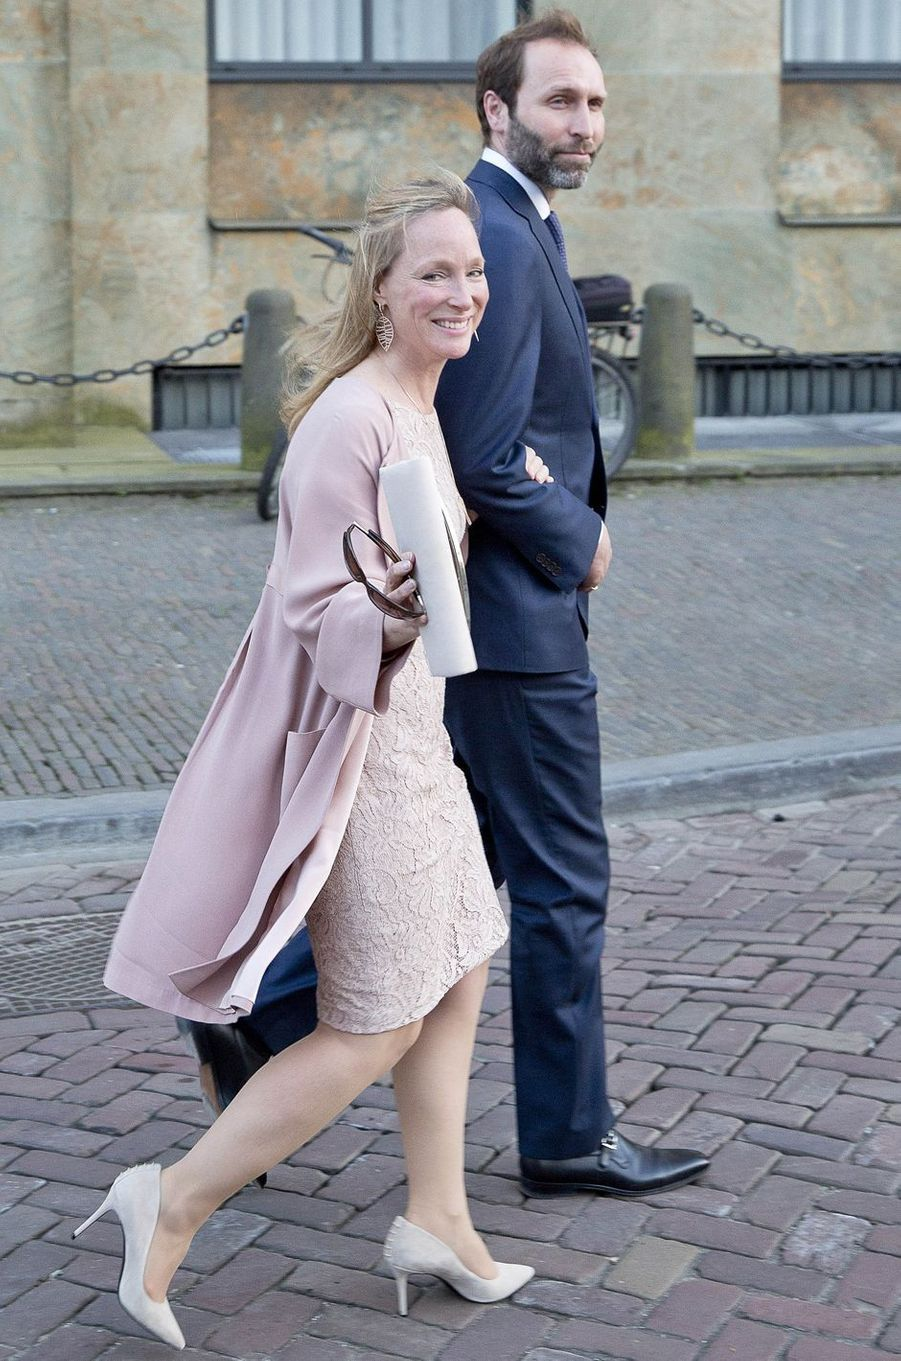 La princesse Margarita de Bourbon-Parme et son mari Tjalling Ten Cate à La Haye, le 28 mars 2017